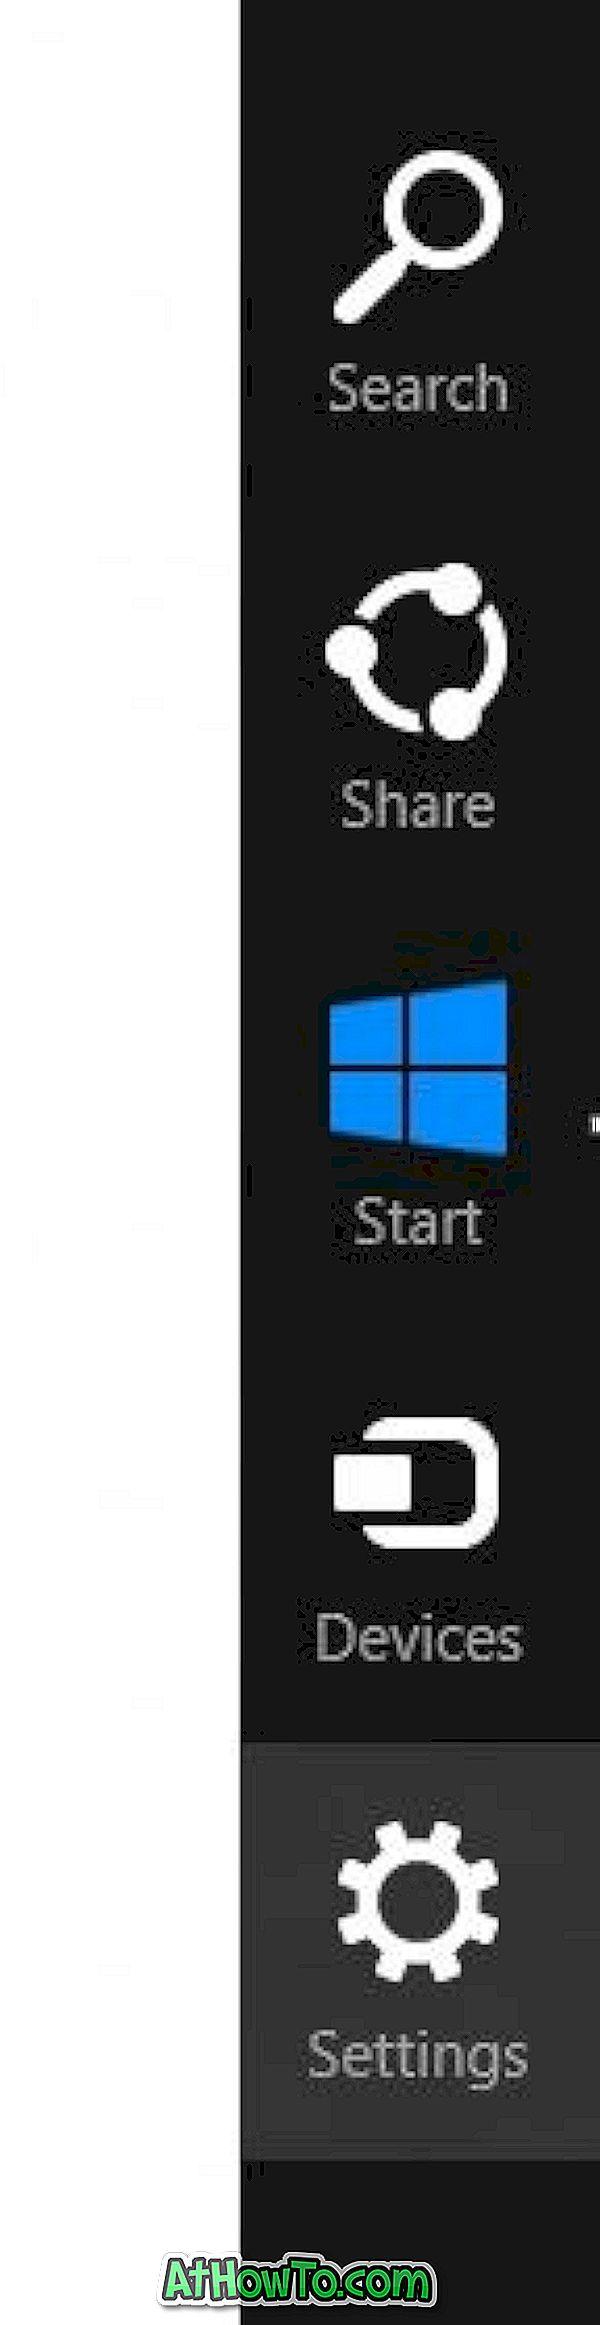 विंडोज 8 में स्थानीय खाते को Microsoft खाते में कैसे स्विच करें